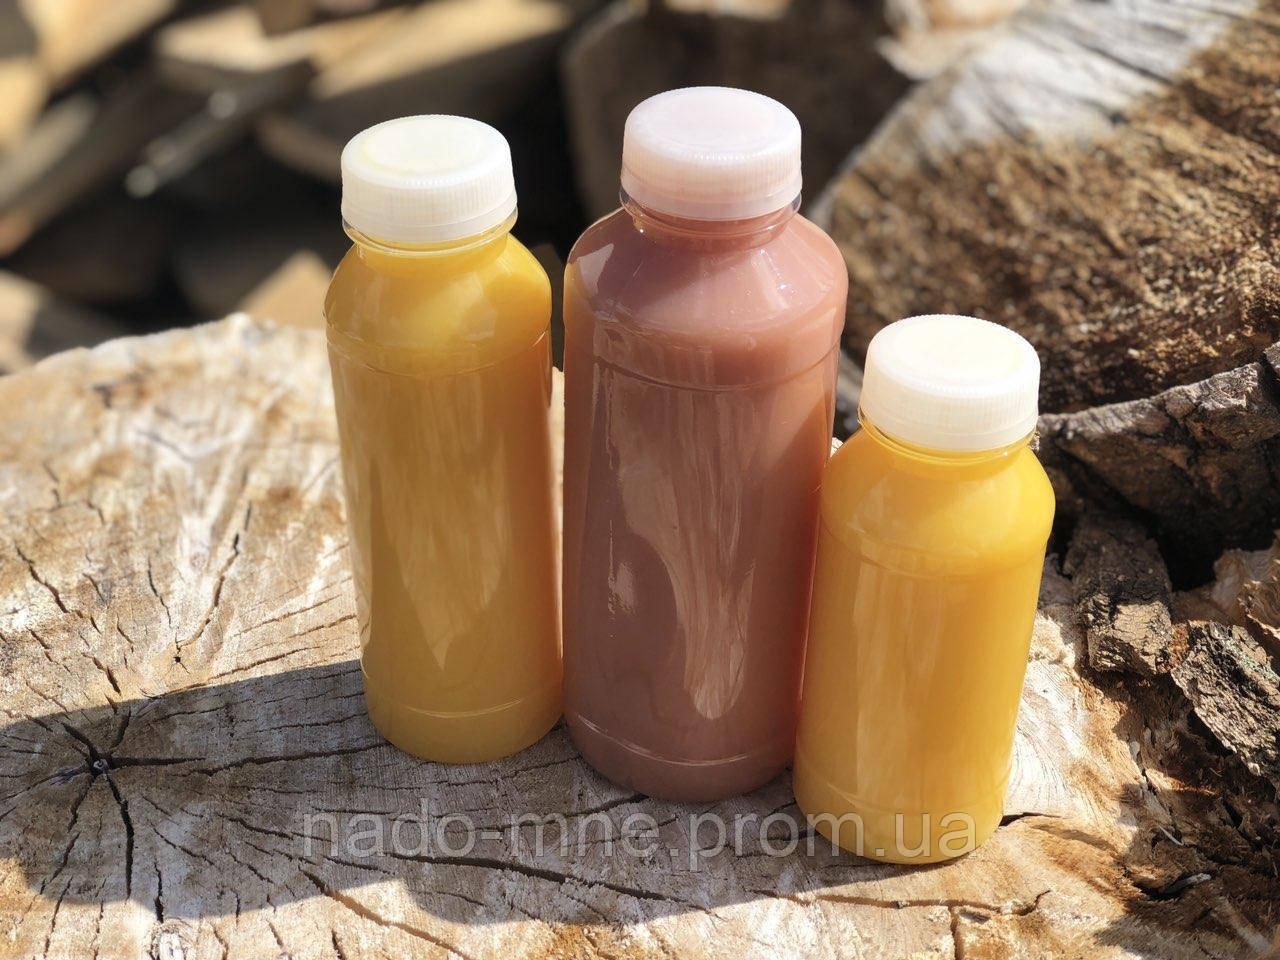 Бутылка пластиковая под соки, c широким горлом 330 мл. Доставка по Киеву от 50 штук в упаковке.